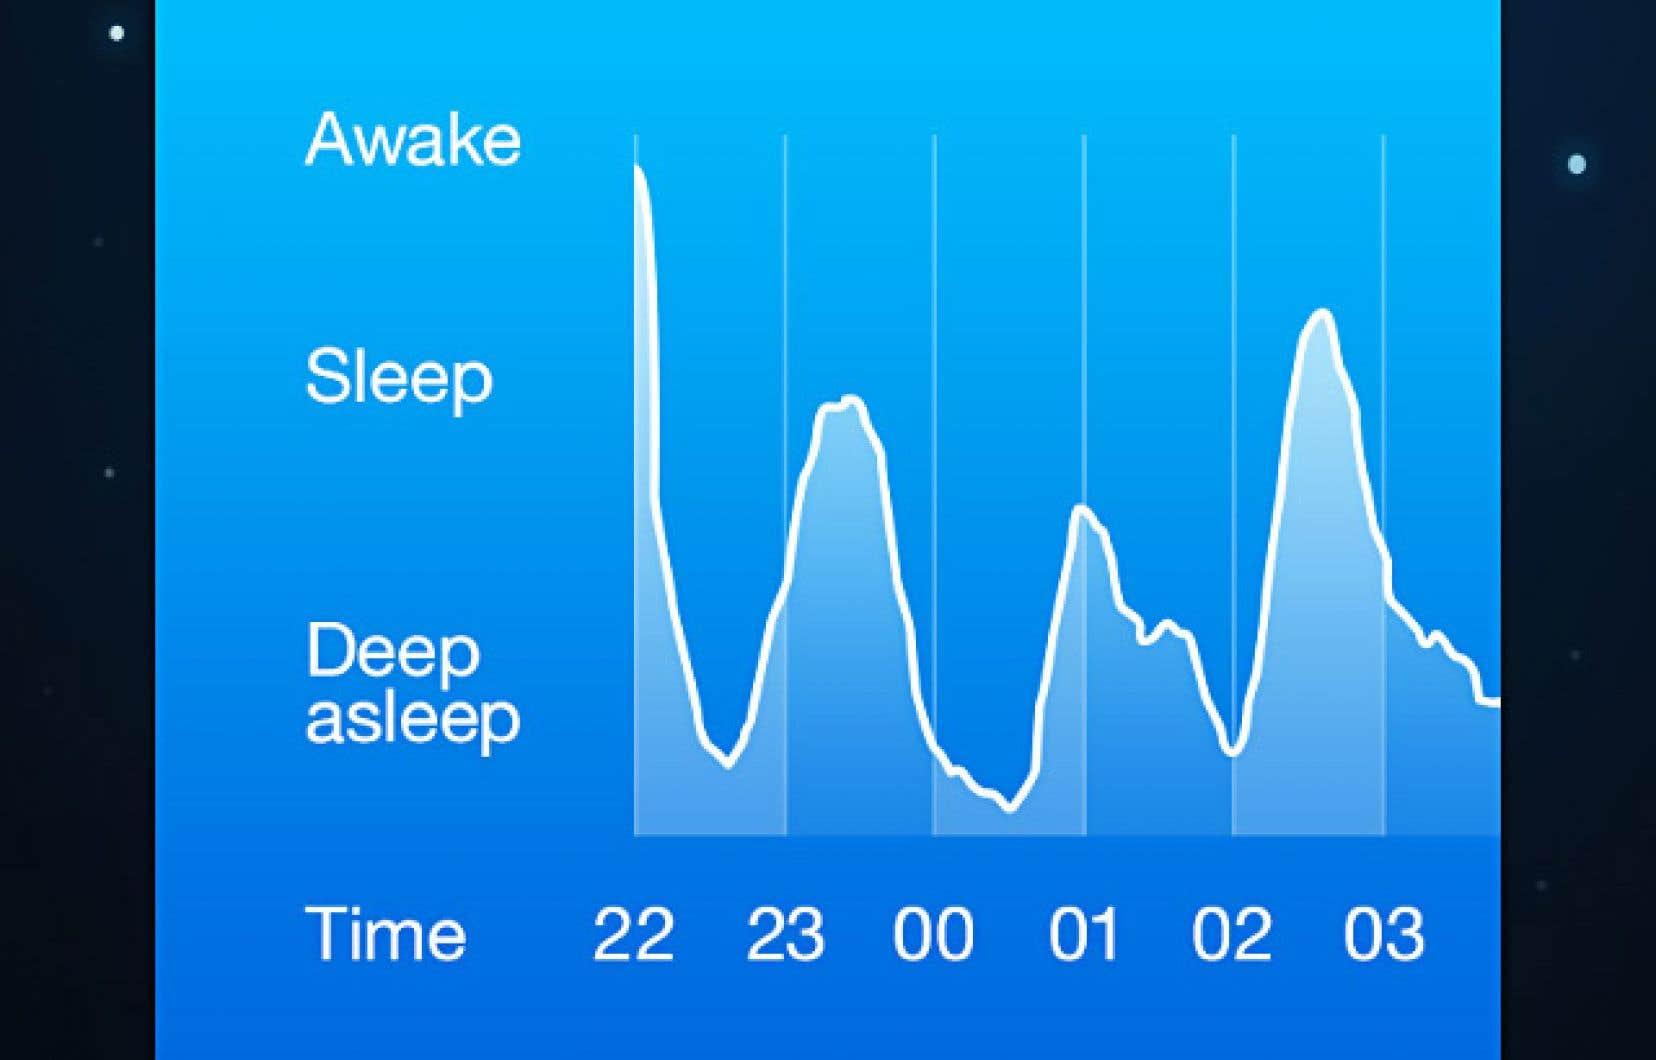 L'application Sleep Cycle évalue vos périodes d'éveil, de sommeil et de sommeil profond.